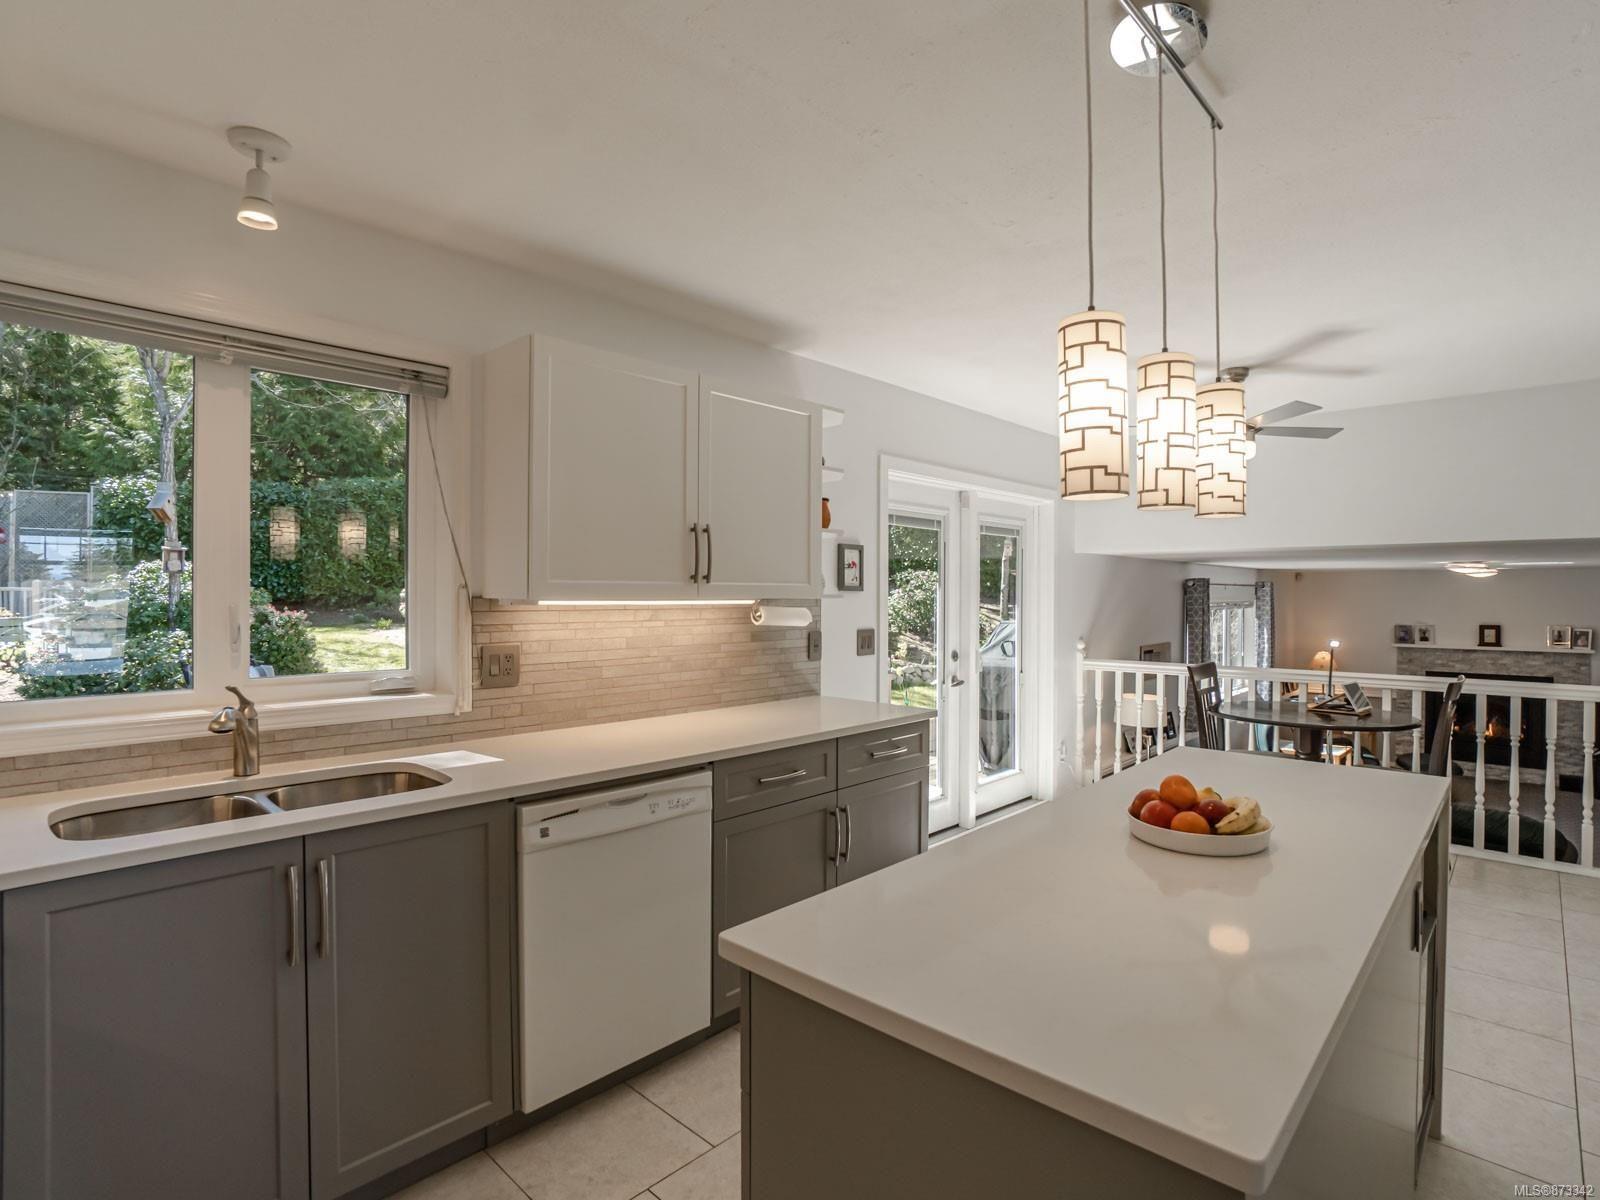 Photo 40: Photos: 5294 Catalina Dr in : Na North Nanaimo House for sale (Nanaimo)  : MLS®# 873342